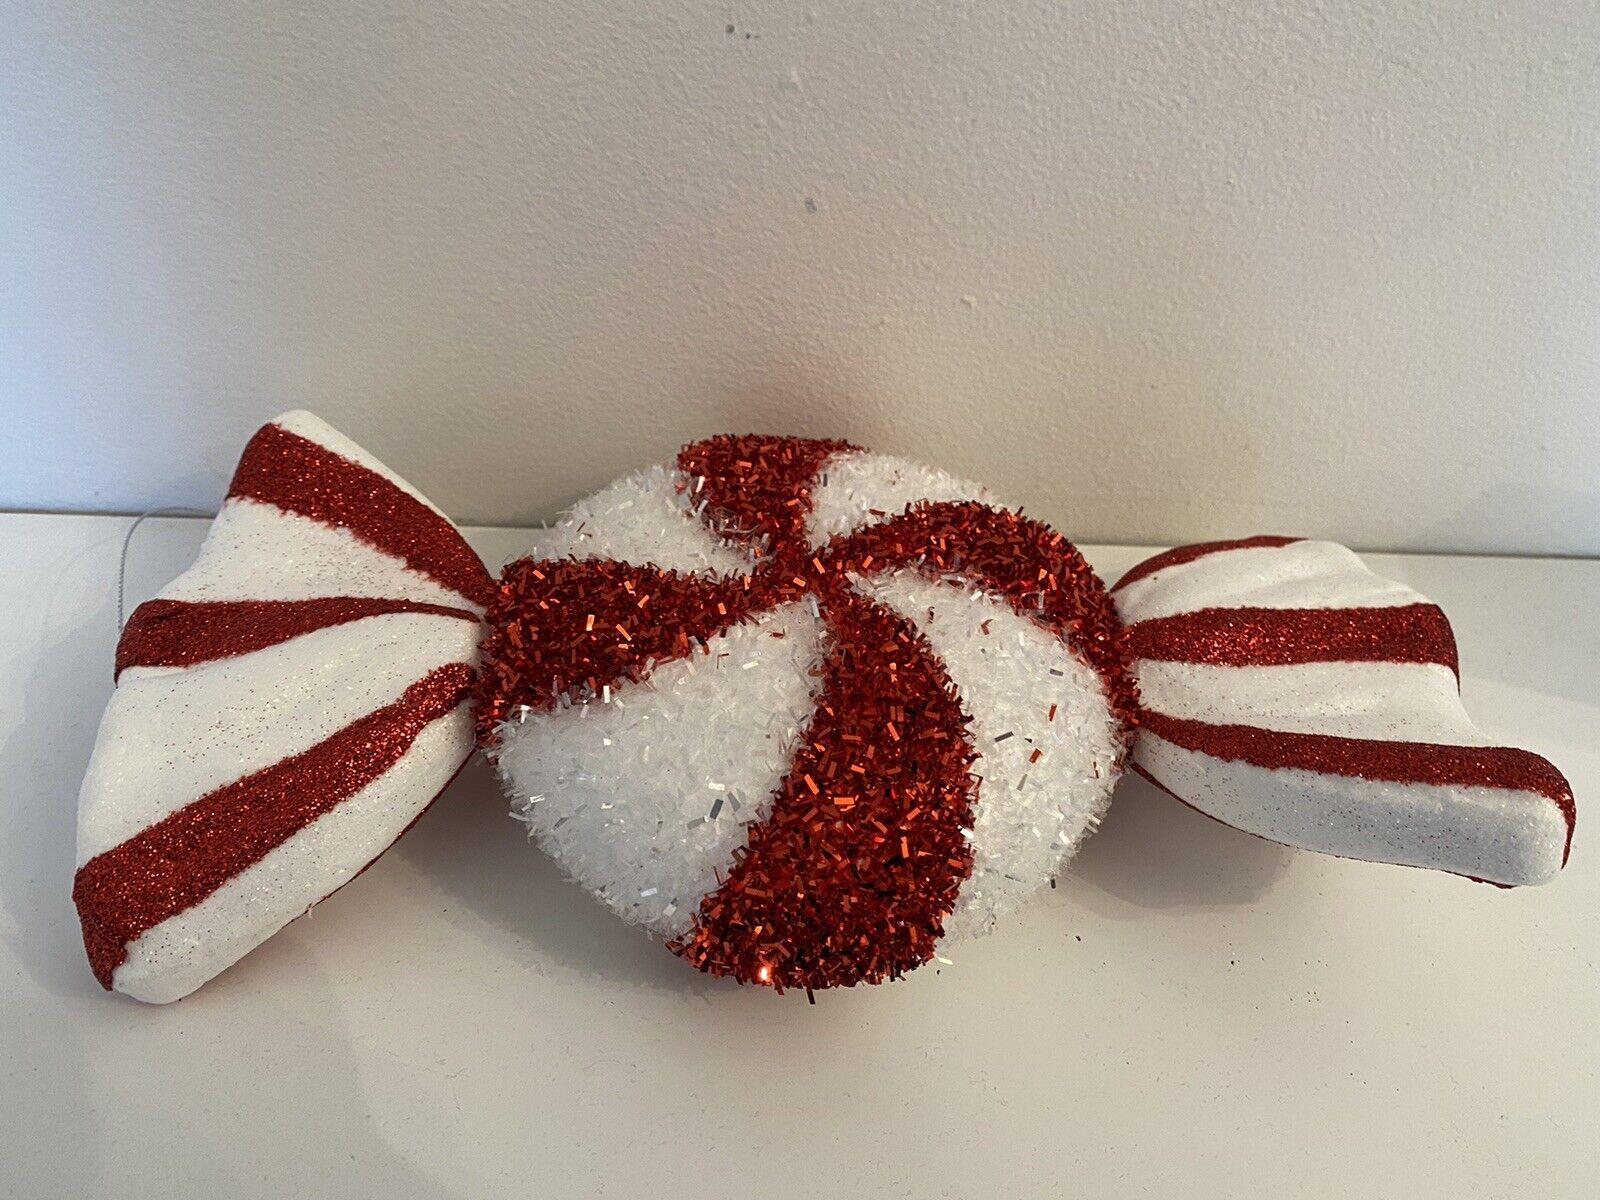 Árbol de Navidad Rojo Blanco Adorno Grande Oropel Bastón De Caramelo Dulce Decoración 30CM